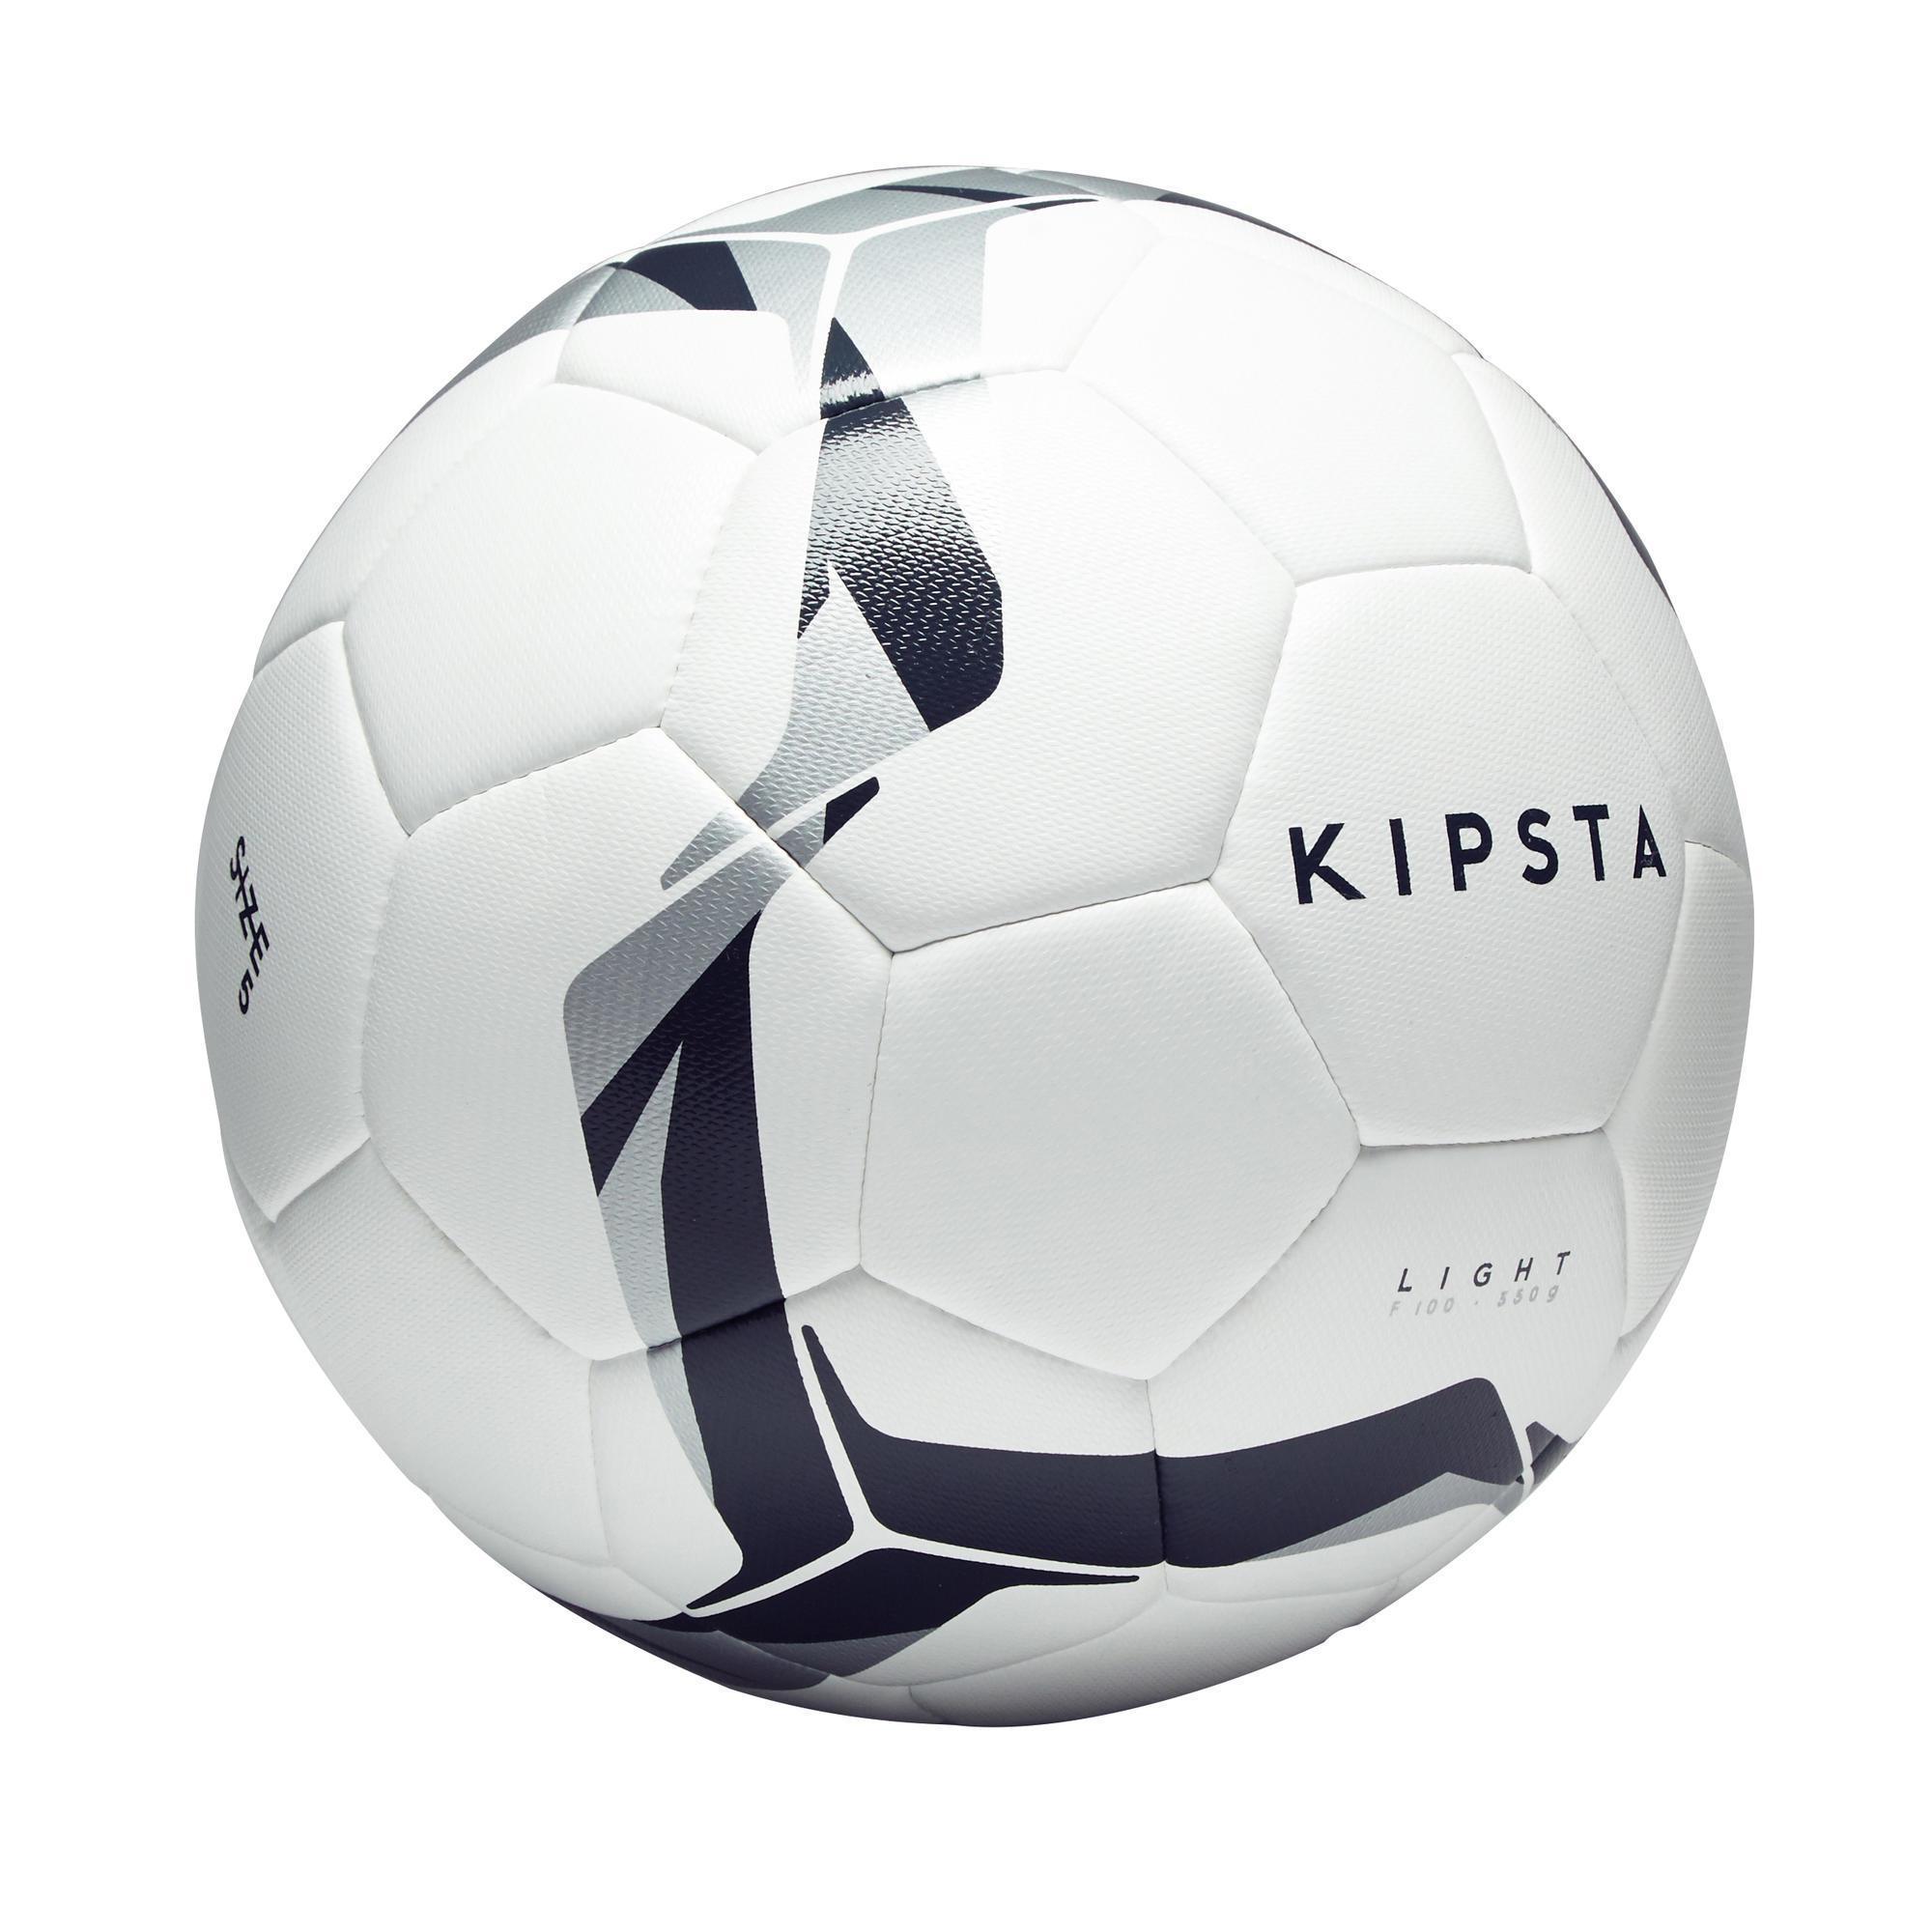 3ae85bb794b39 Balón de fútbol híbrido light talla blanco negro plata jpg 250x250 Decathlon  futbol pelotas de blancas